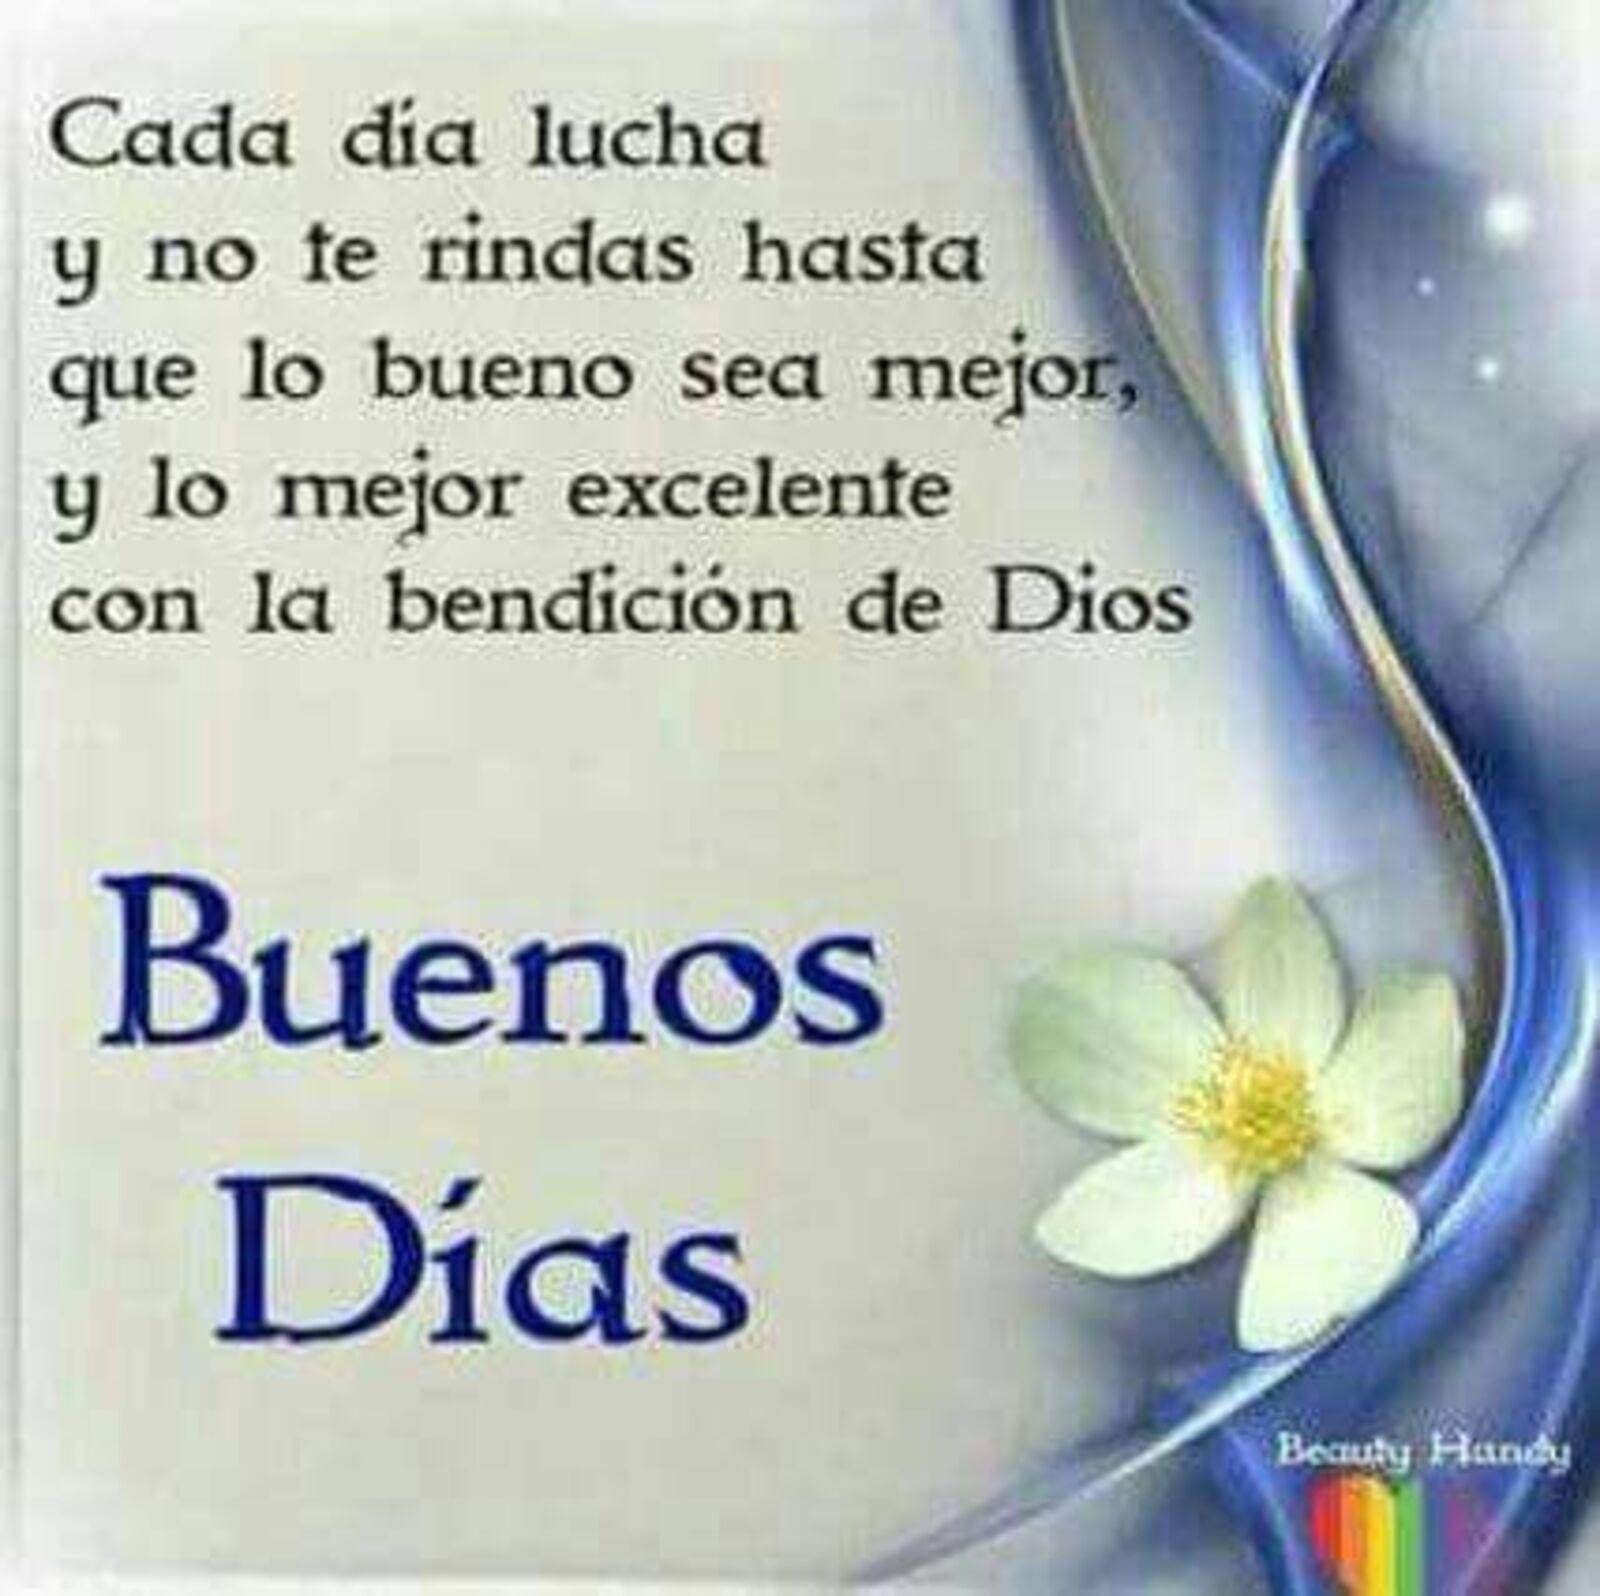 Cada día lucha y no te rindas hasta que lo bueno sea mejor, y lo mejor excelente con la bendicion de Dios. Buenos días